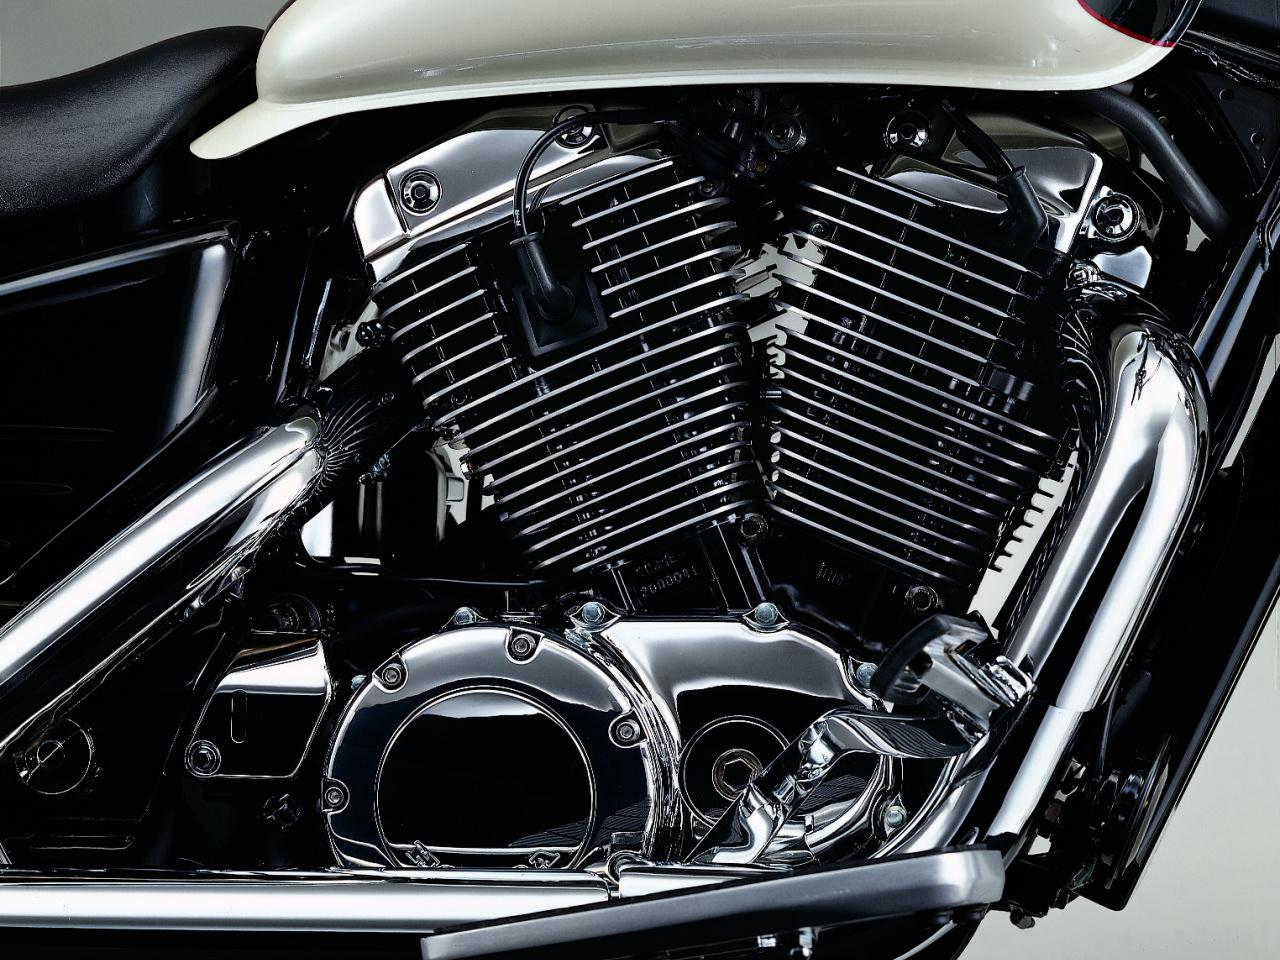 Мануалы и документация для Honda Shadow 1100 (VT1100)